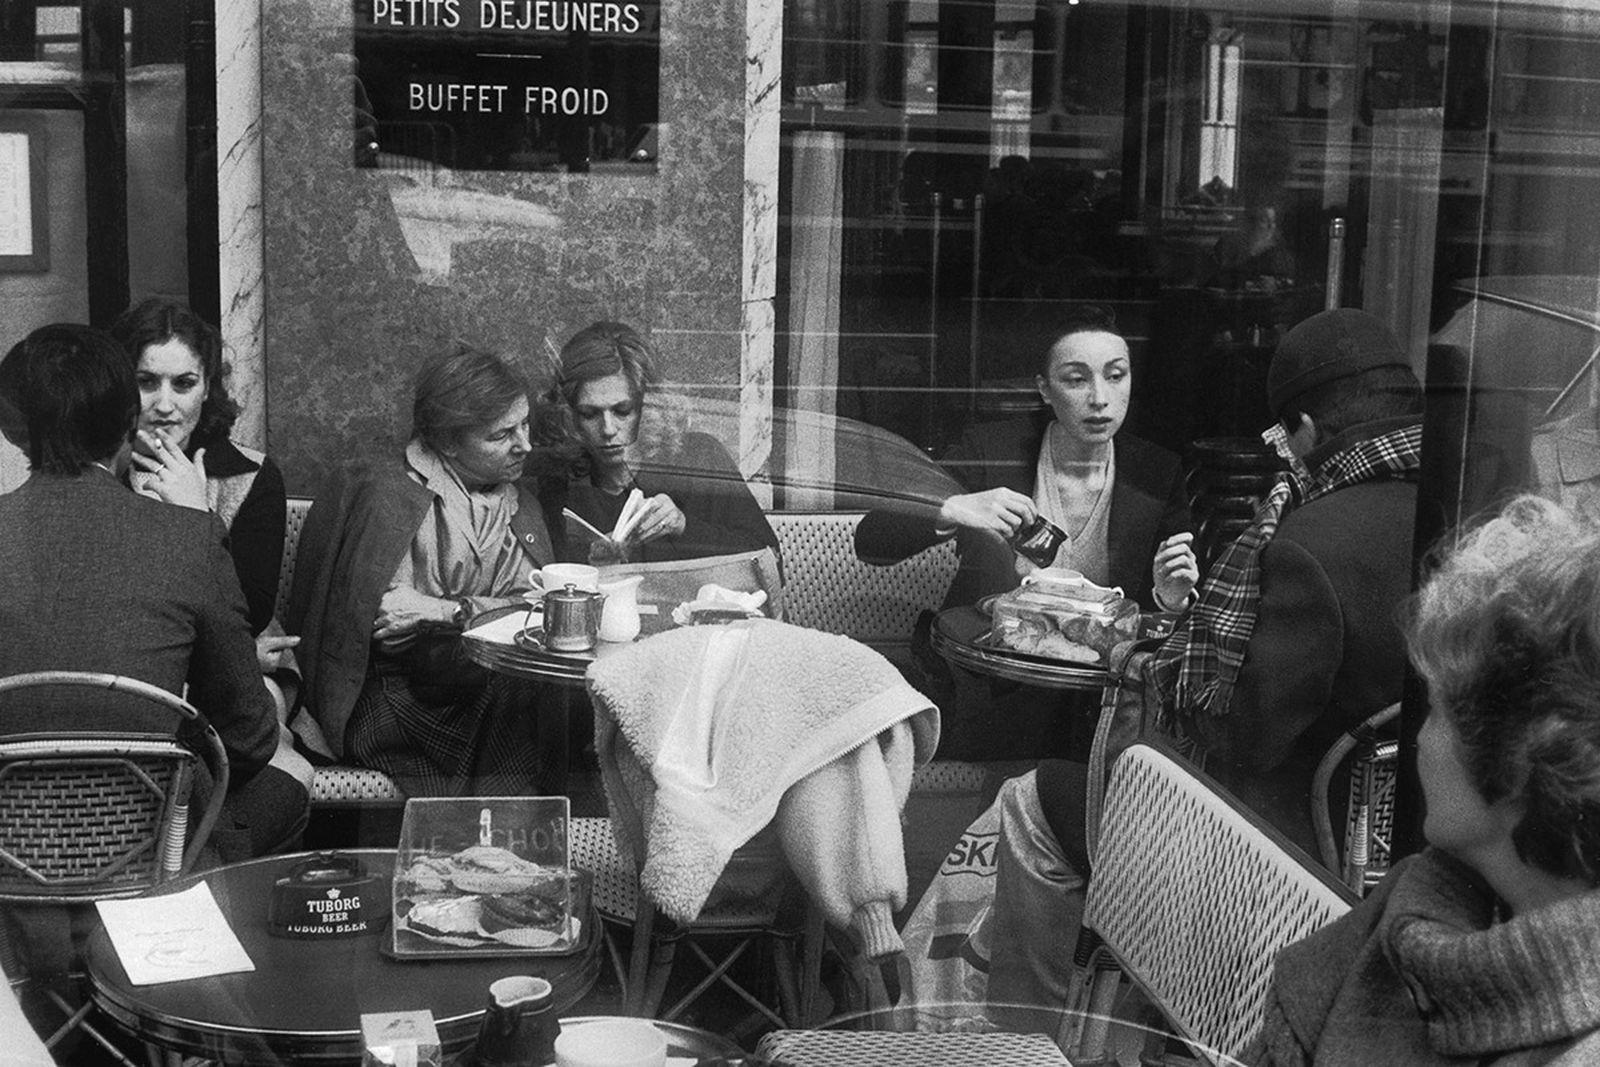 cafe-de-flore-fashion-week-not-in-paris-02